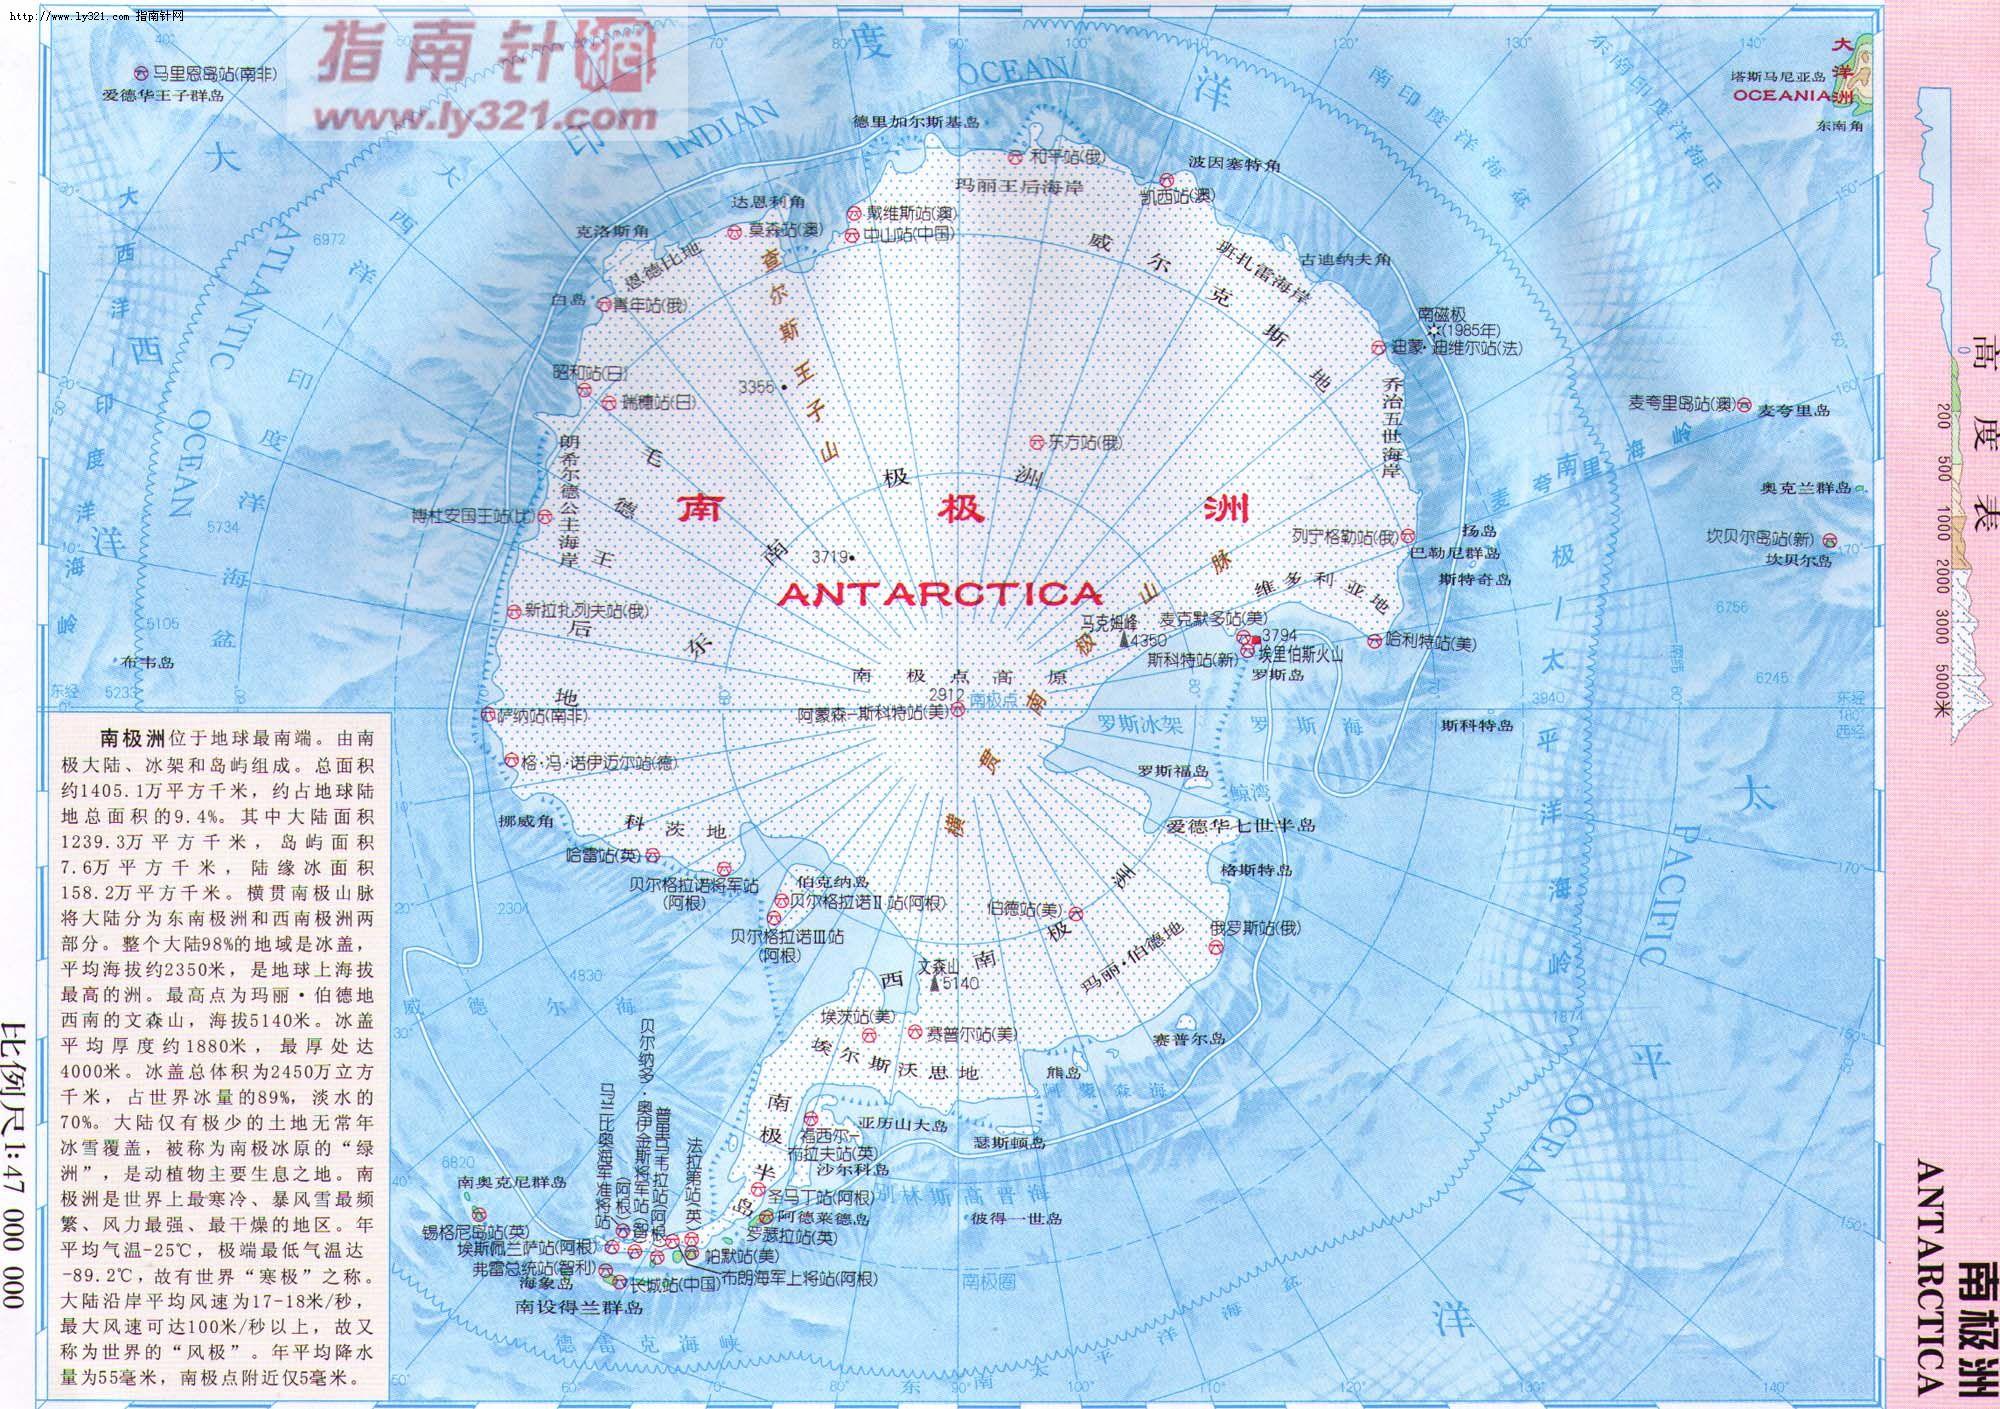 汾阳卫星图全图,汾阳卫星图高清版下载 - 8264户外8264.com